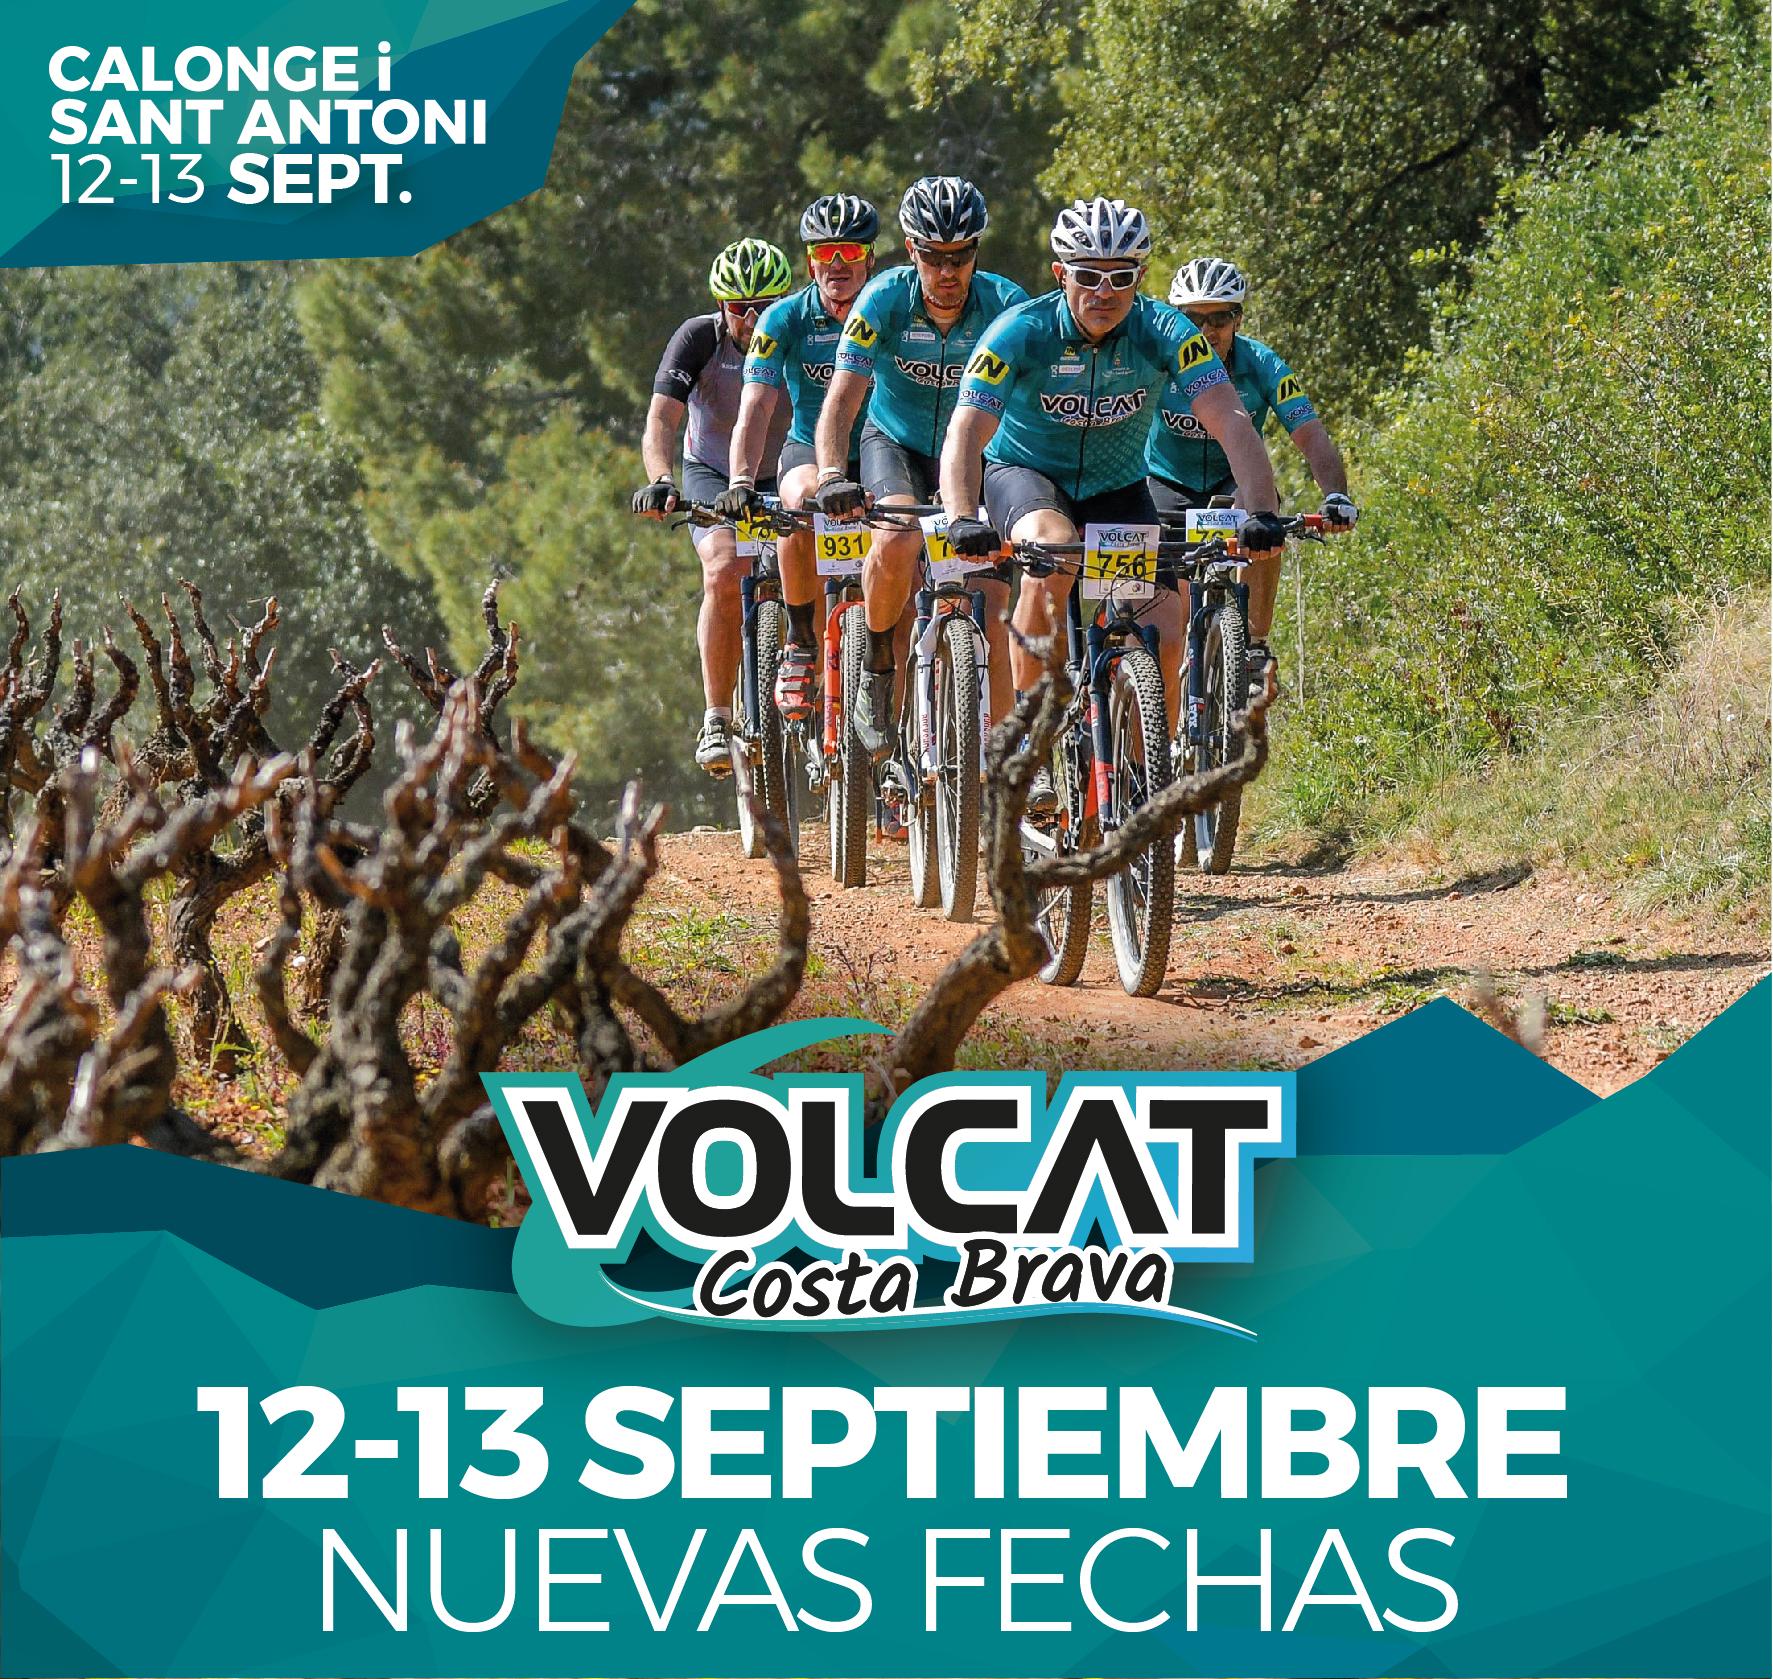 12 y 13 de septiembre, nuevas fechas para la VolCAT Costa Brava 2020 en Calonge i Sant Antoni, Girona